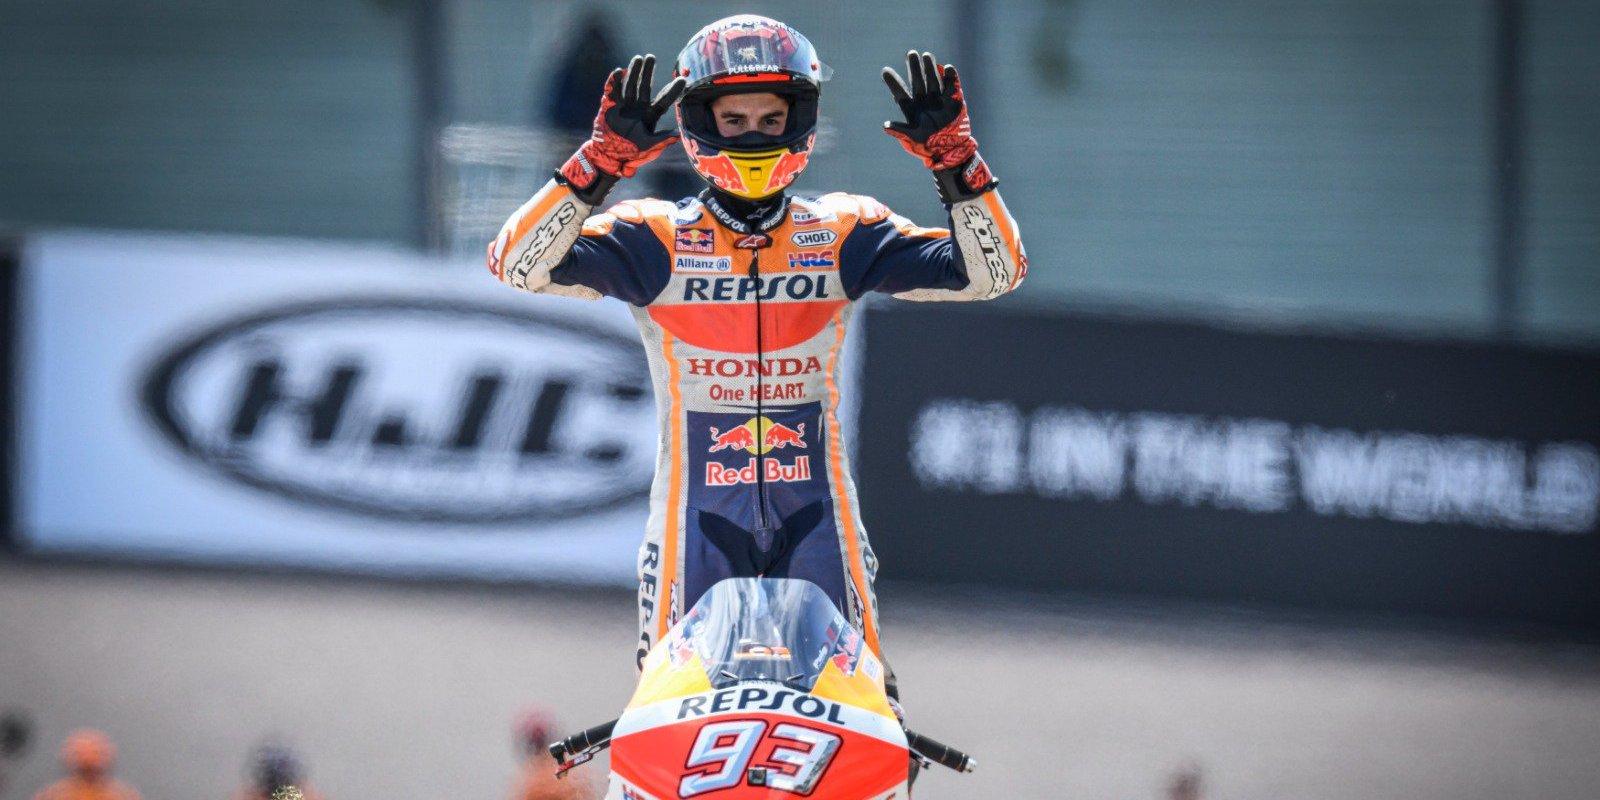 MotoGP2019Rd.9ドイツGPザクセンリンクレース結果|マルケス大記録!!